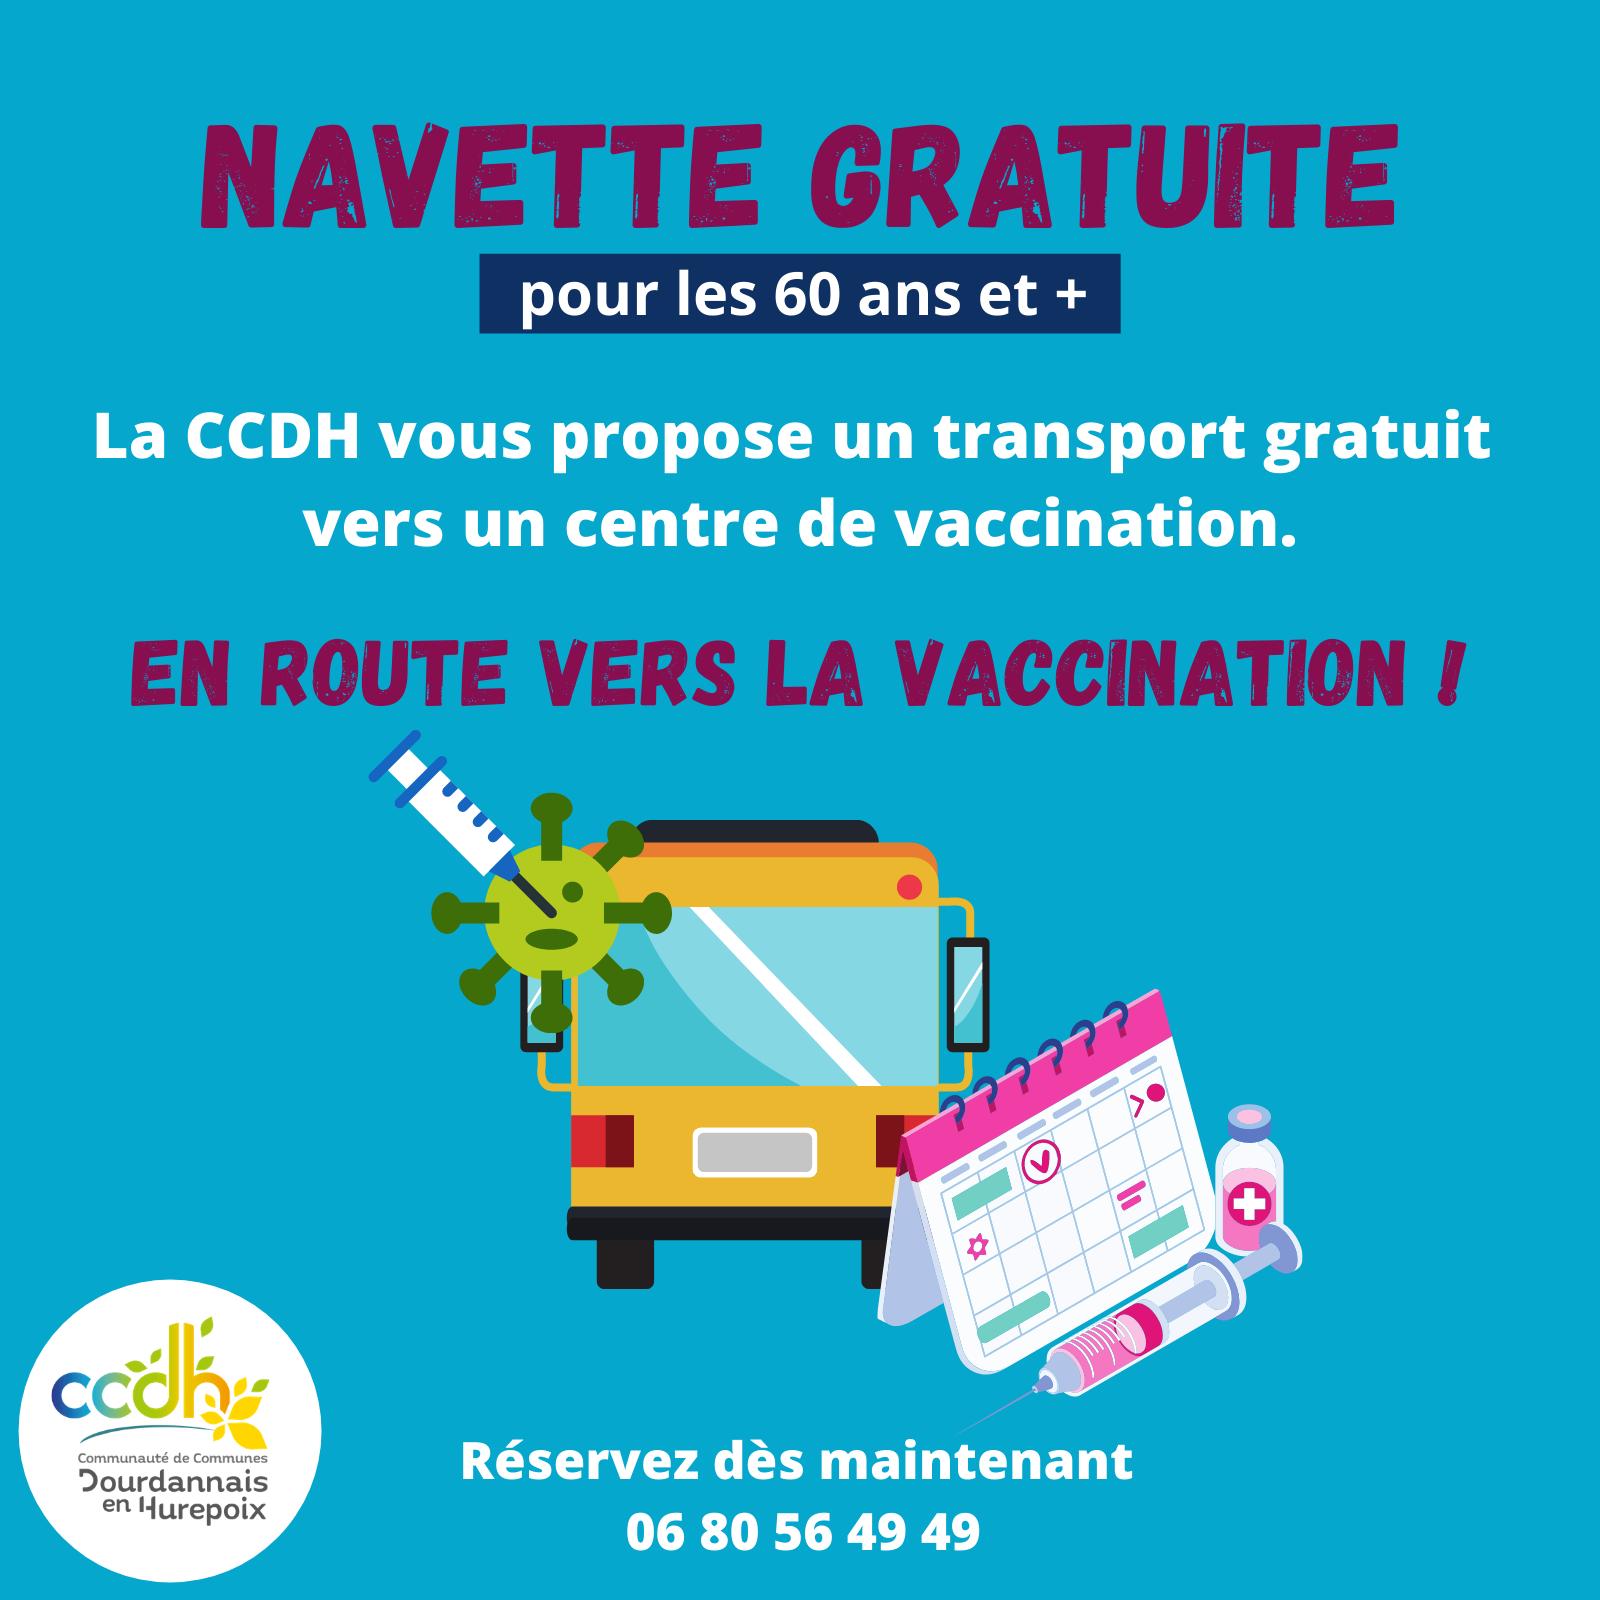 La CCDH vous facilite l'accès aux centres de vaccination